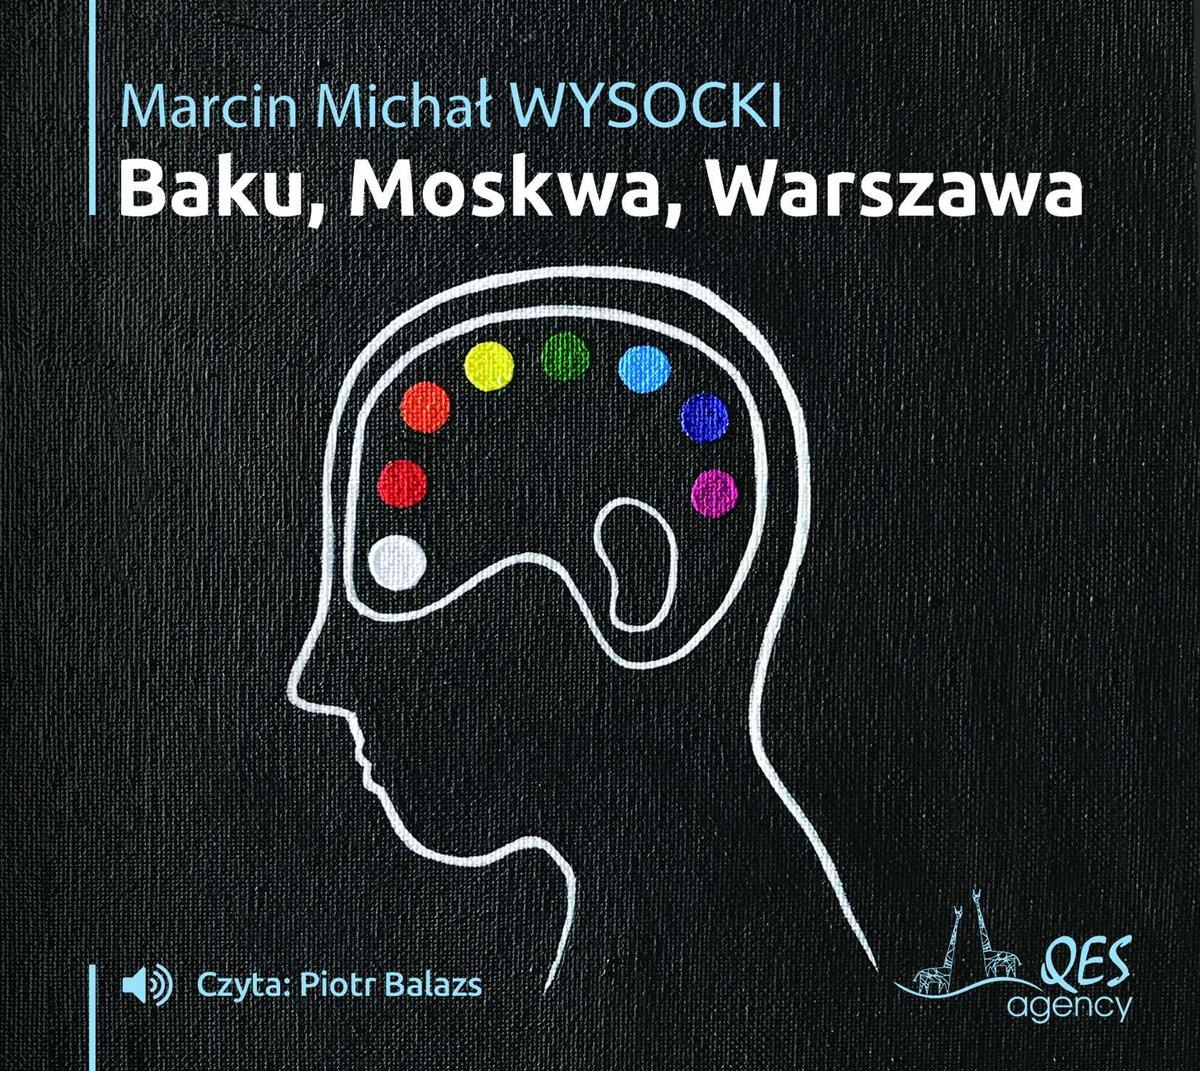 Marcin Michał Wysocki – Baku, Moskwa, Warszawa